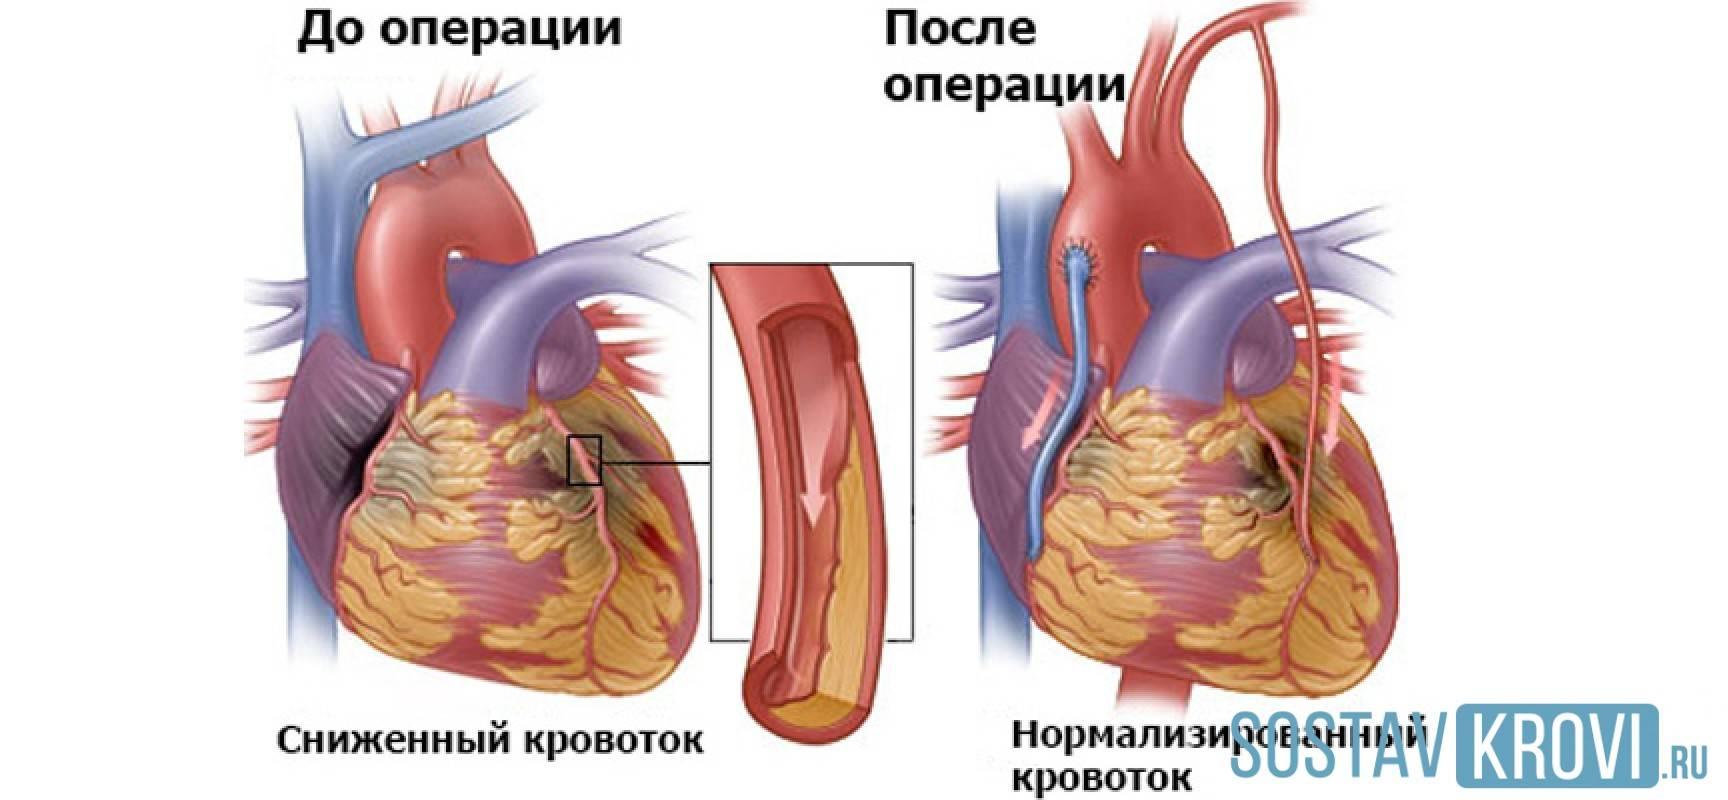 операция на сердце шунтирование осложнения